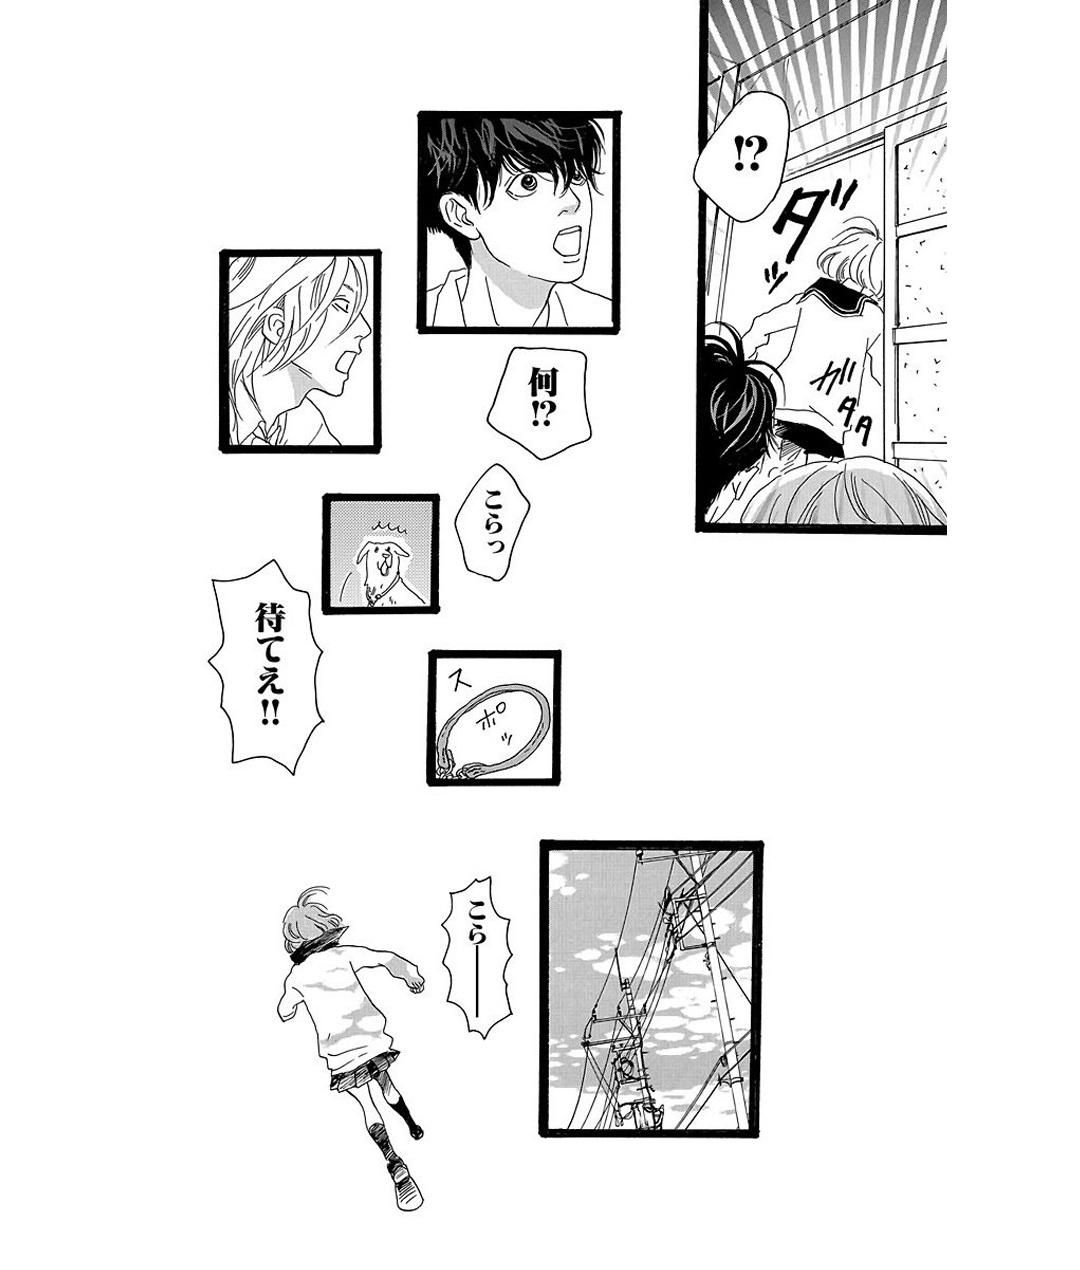 プリンシパル 第1話 試し読み_1_1-46